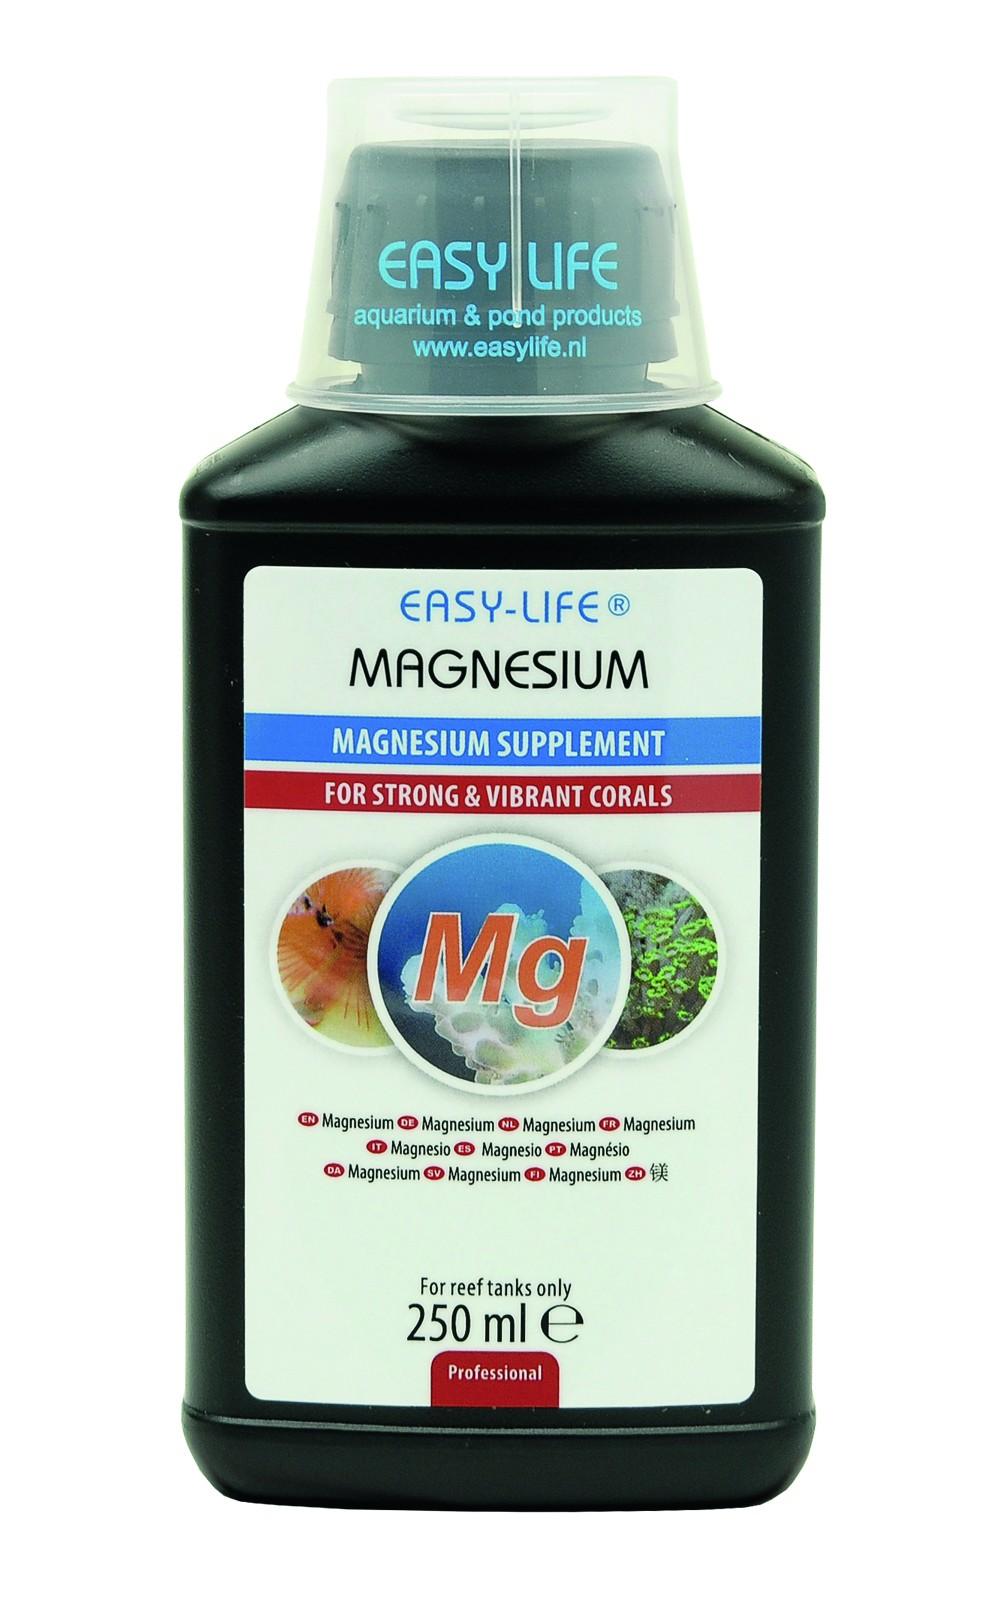 EASY-LIFE Magnesium 250ml source de magnésium concentrée et puissante pour des coraux sains et merveilleux